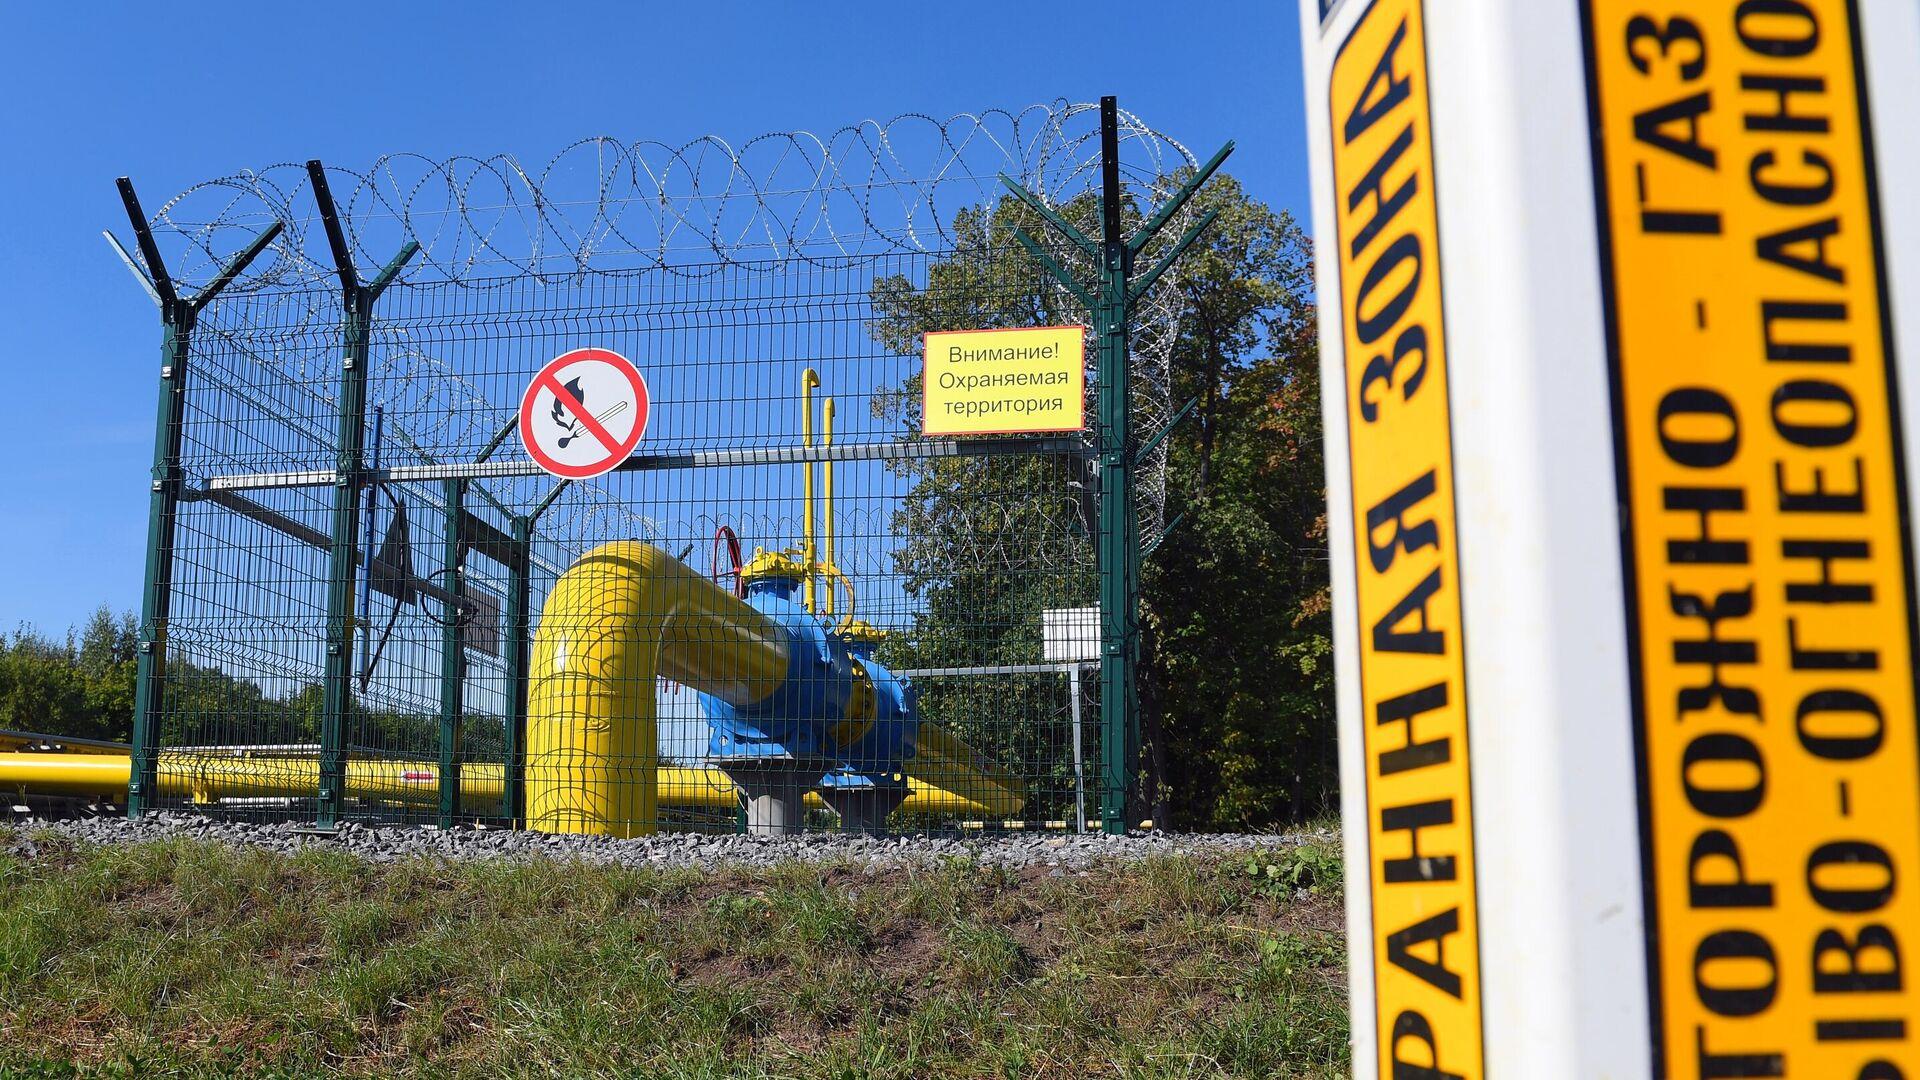 Цена на газ в Европе установила очередной рекорд — 1101 доллар за тысячу кубов